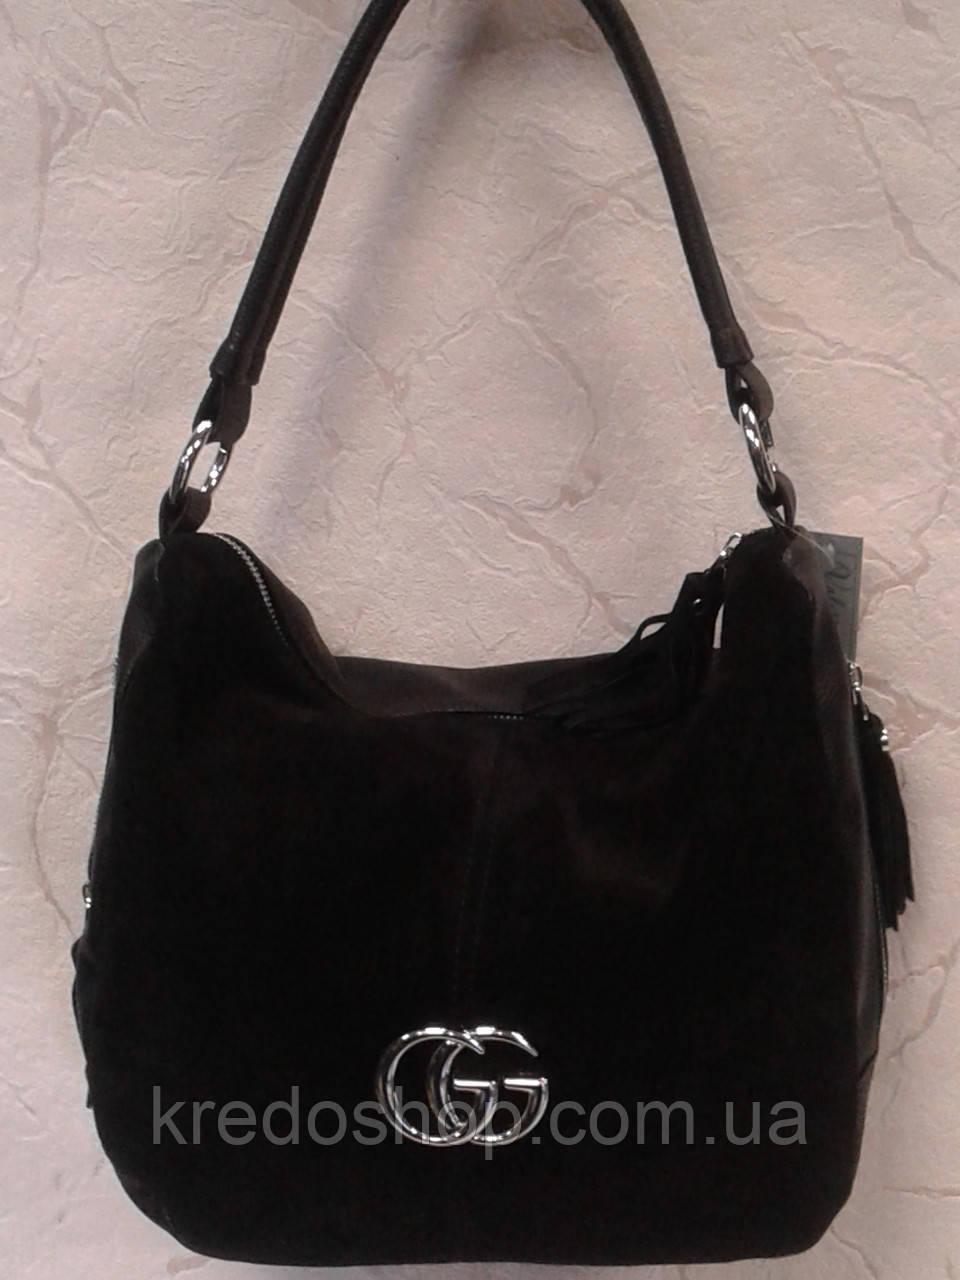 46d71289ec41 Сумка женская стильная замшевая черная - Интернет-магазин сумок и  аксессуаров